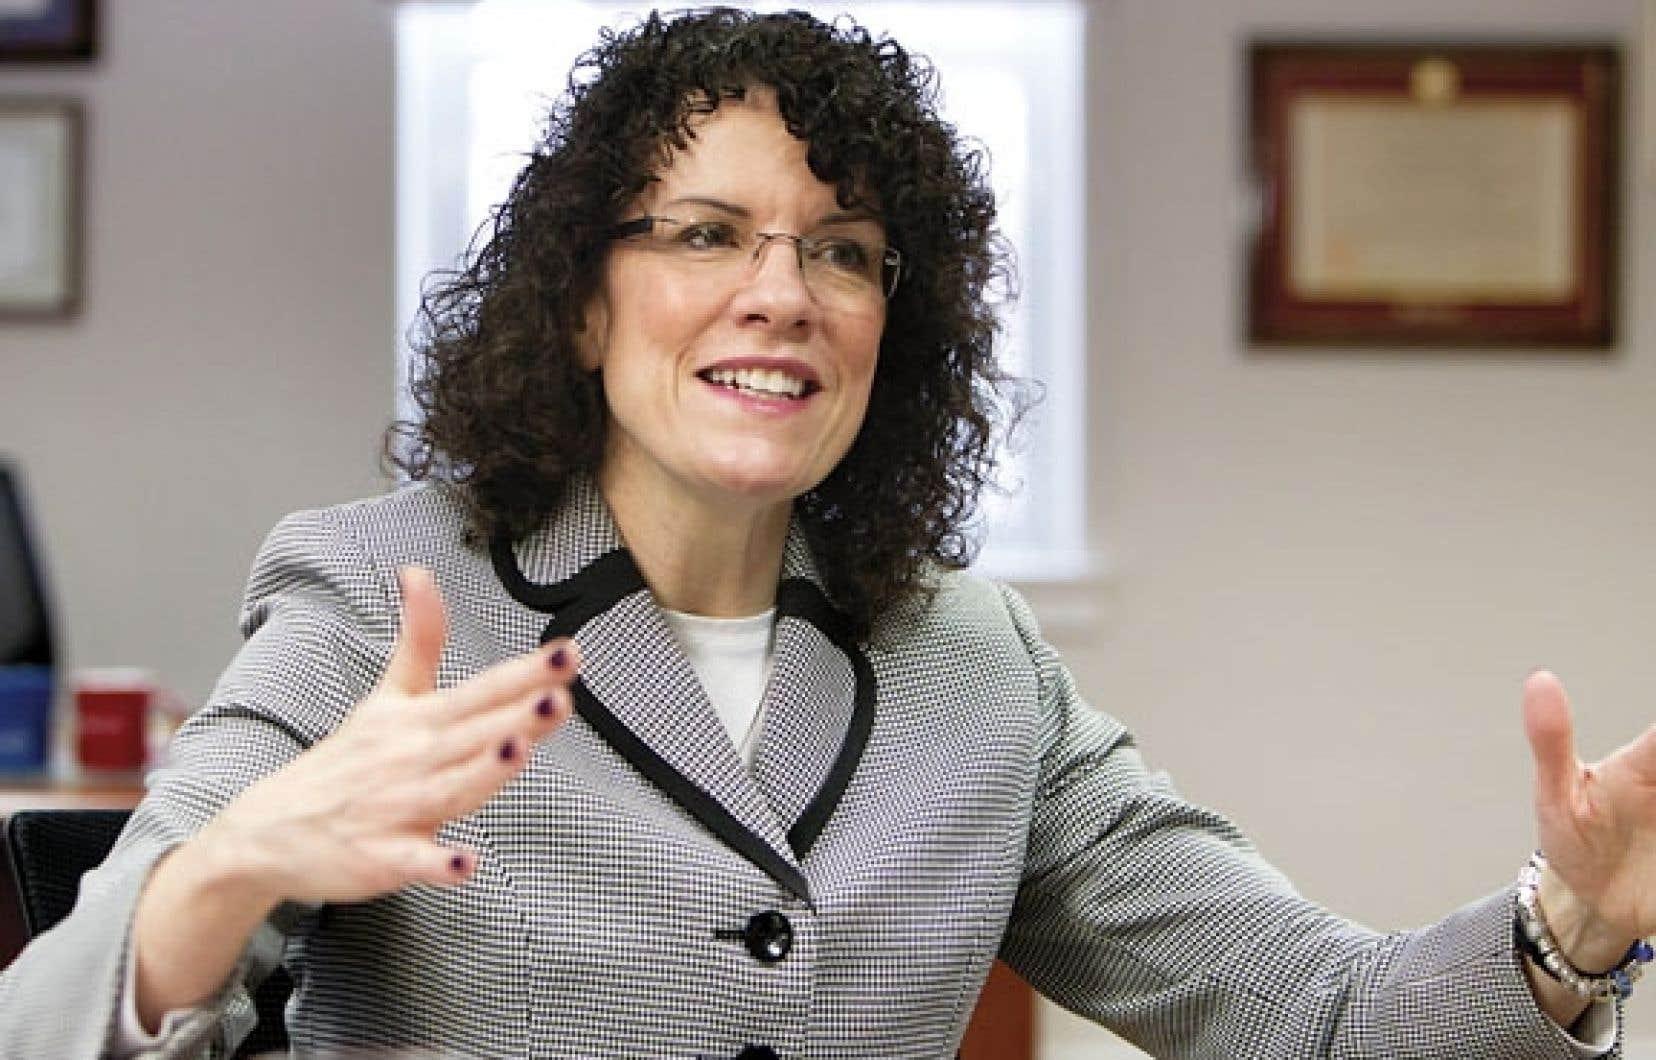 Lynne McVey